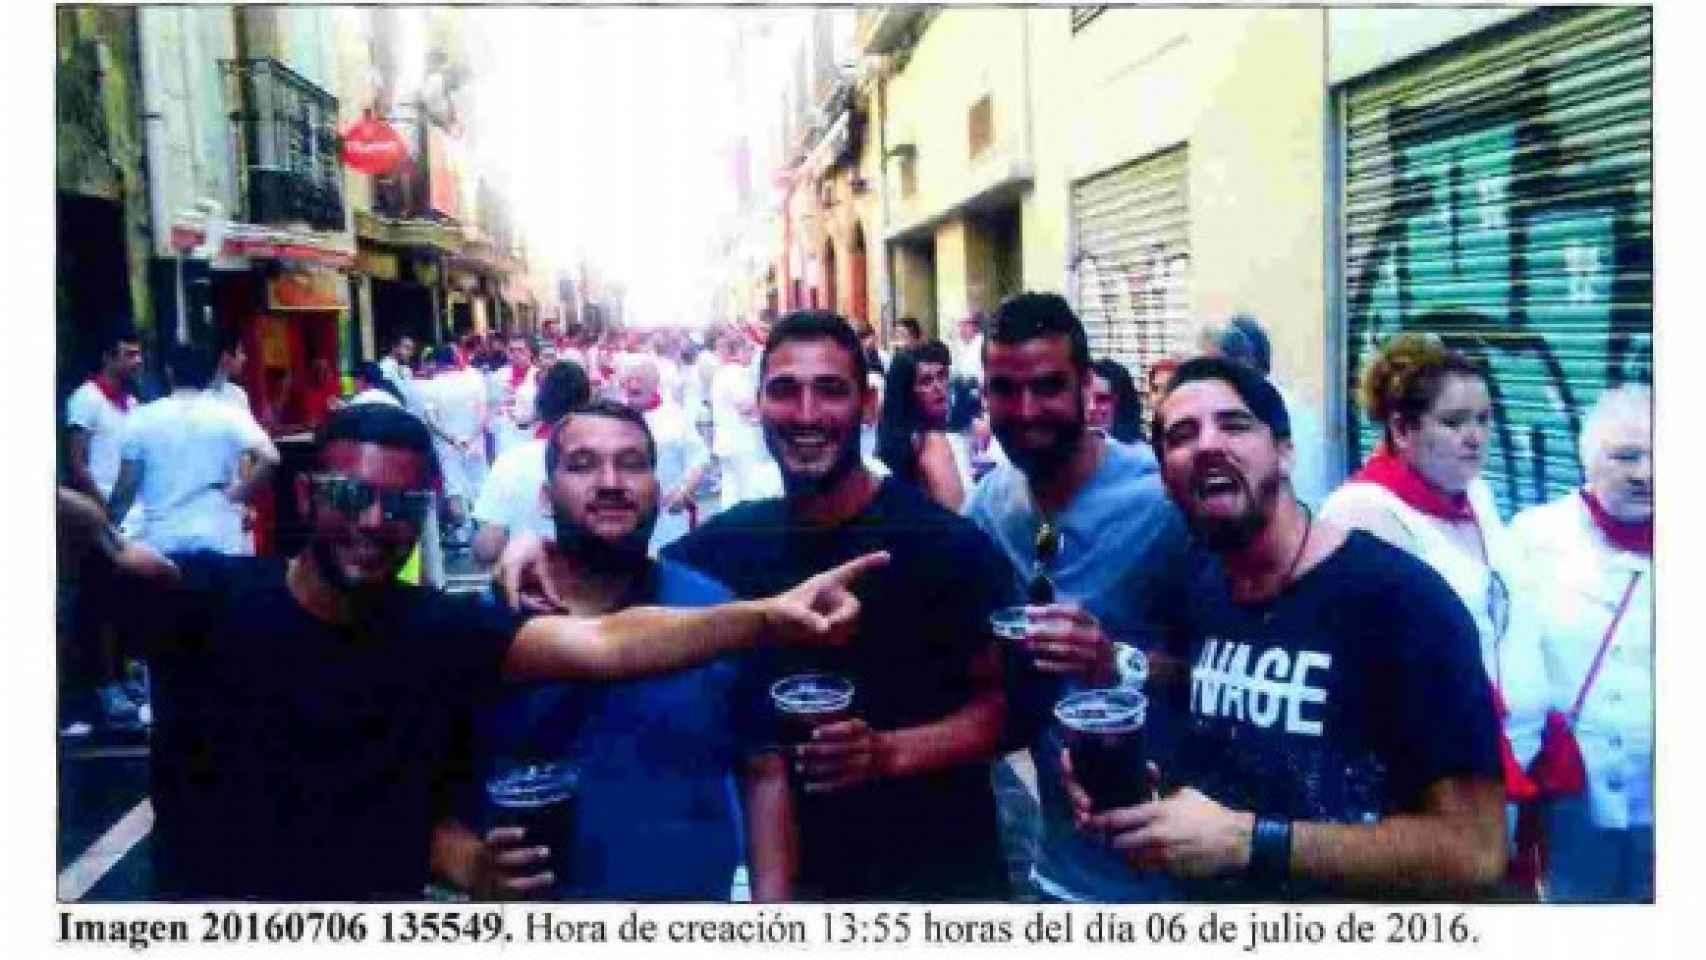 Las imágenes nunca vistas del Prenda y su manada la noche de San Fermín